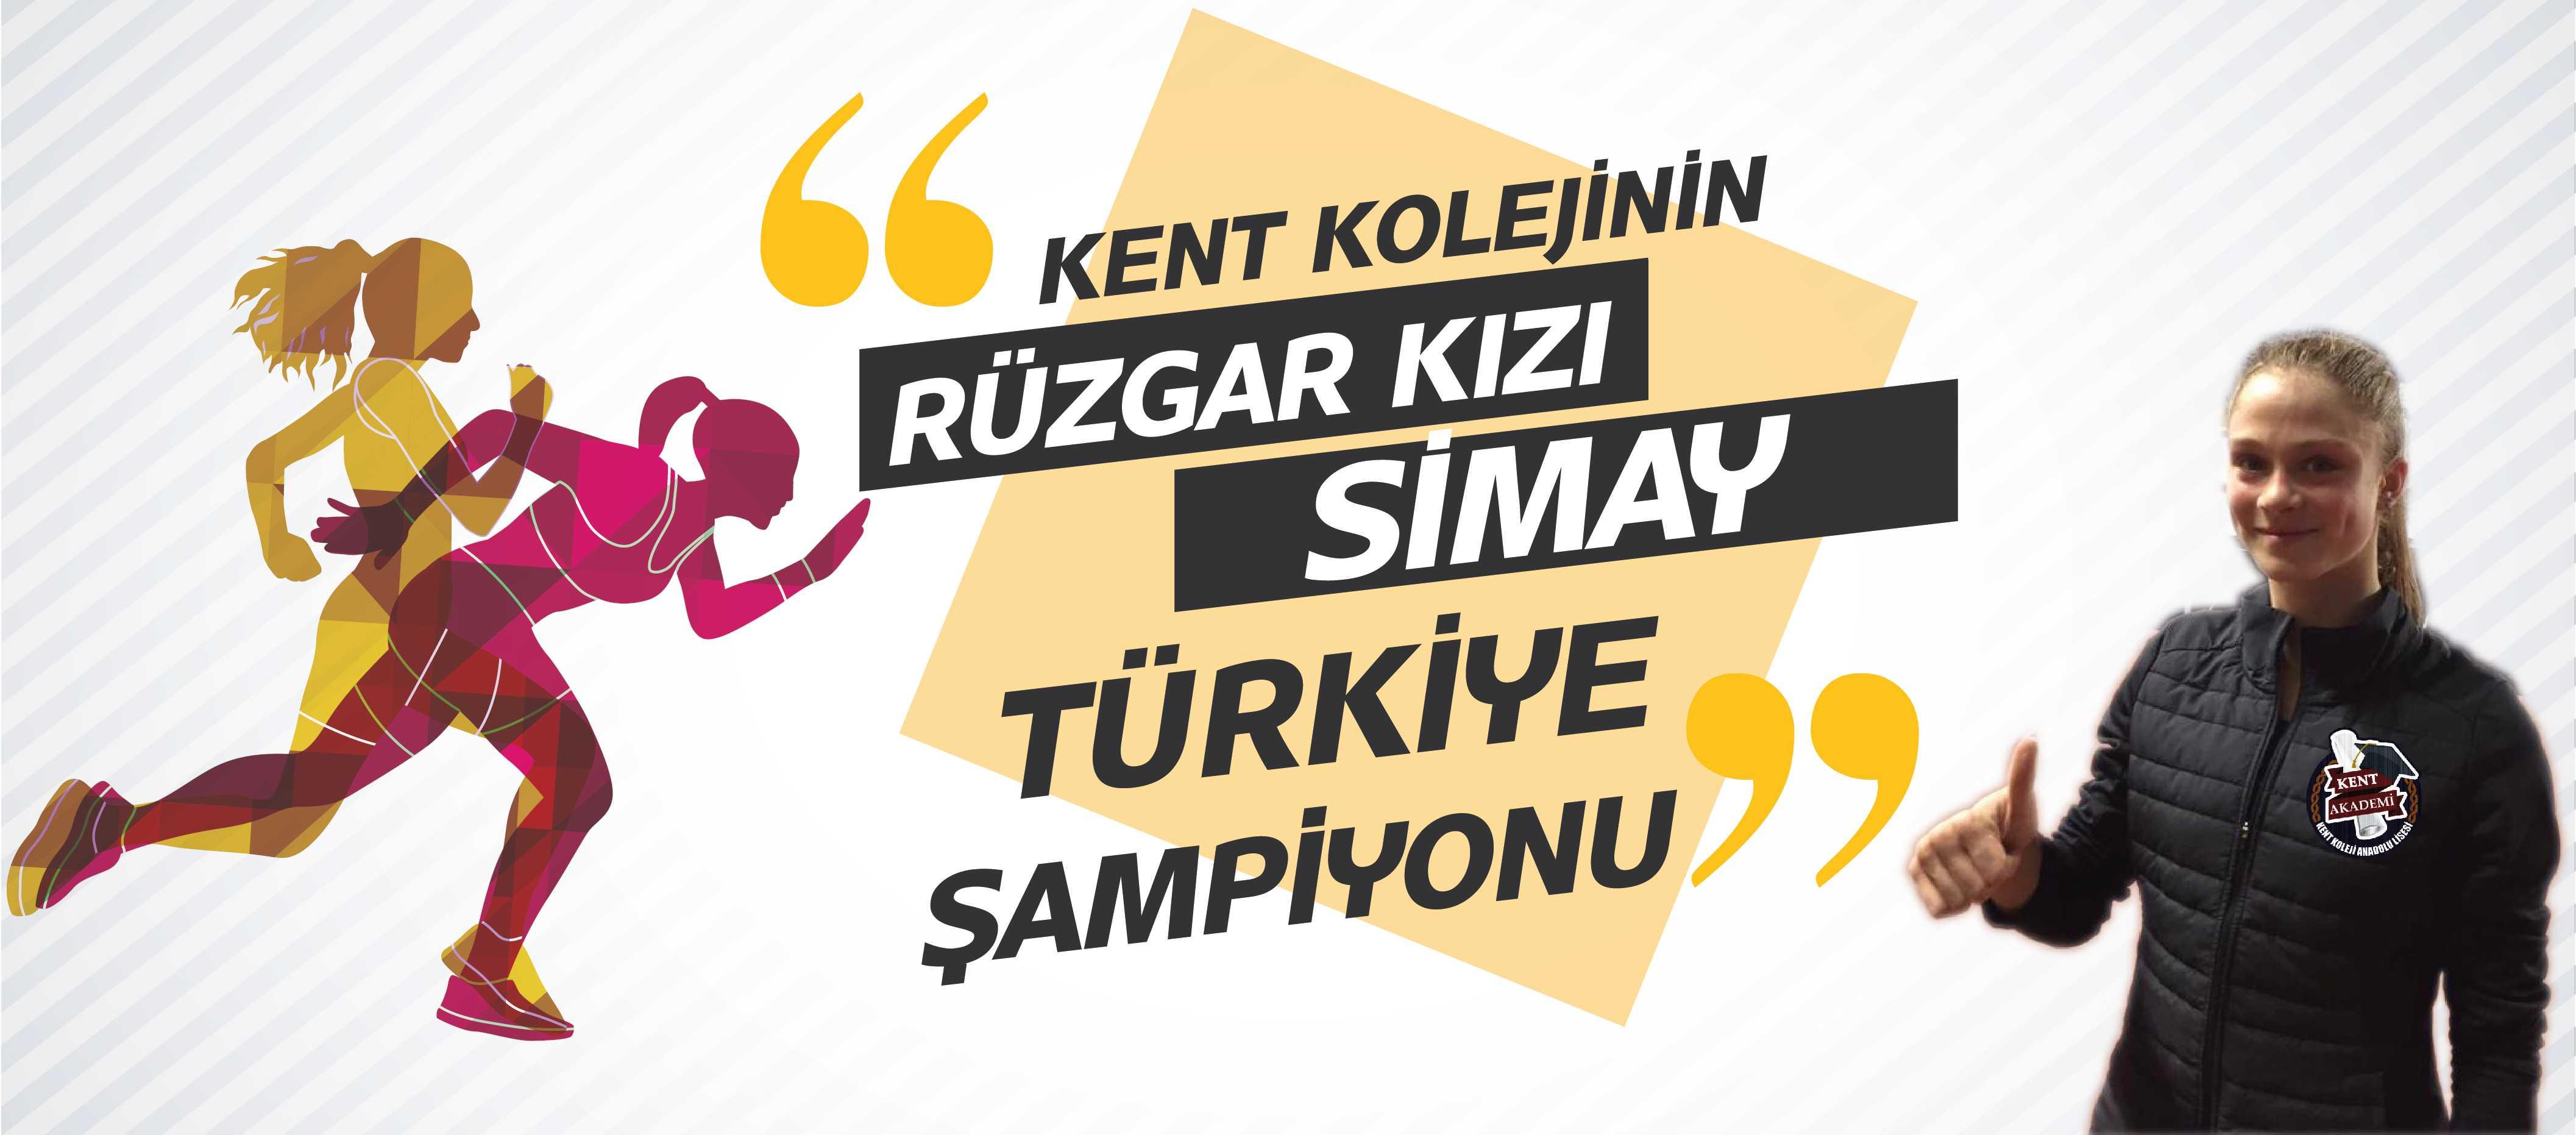 Rüzgar kız Simay Türkiye Şampiyonu!